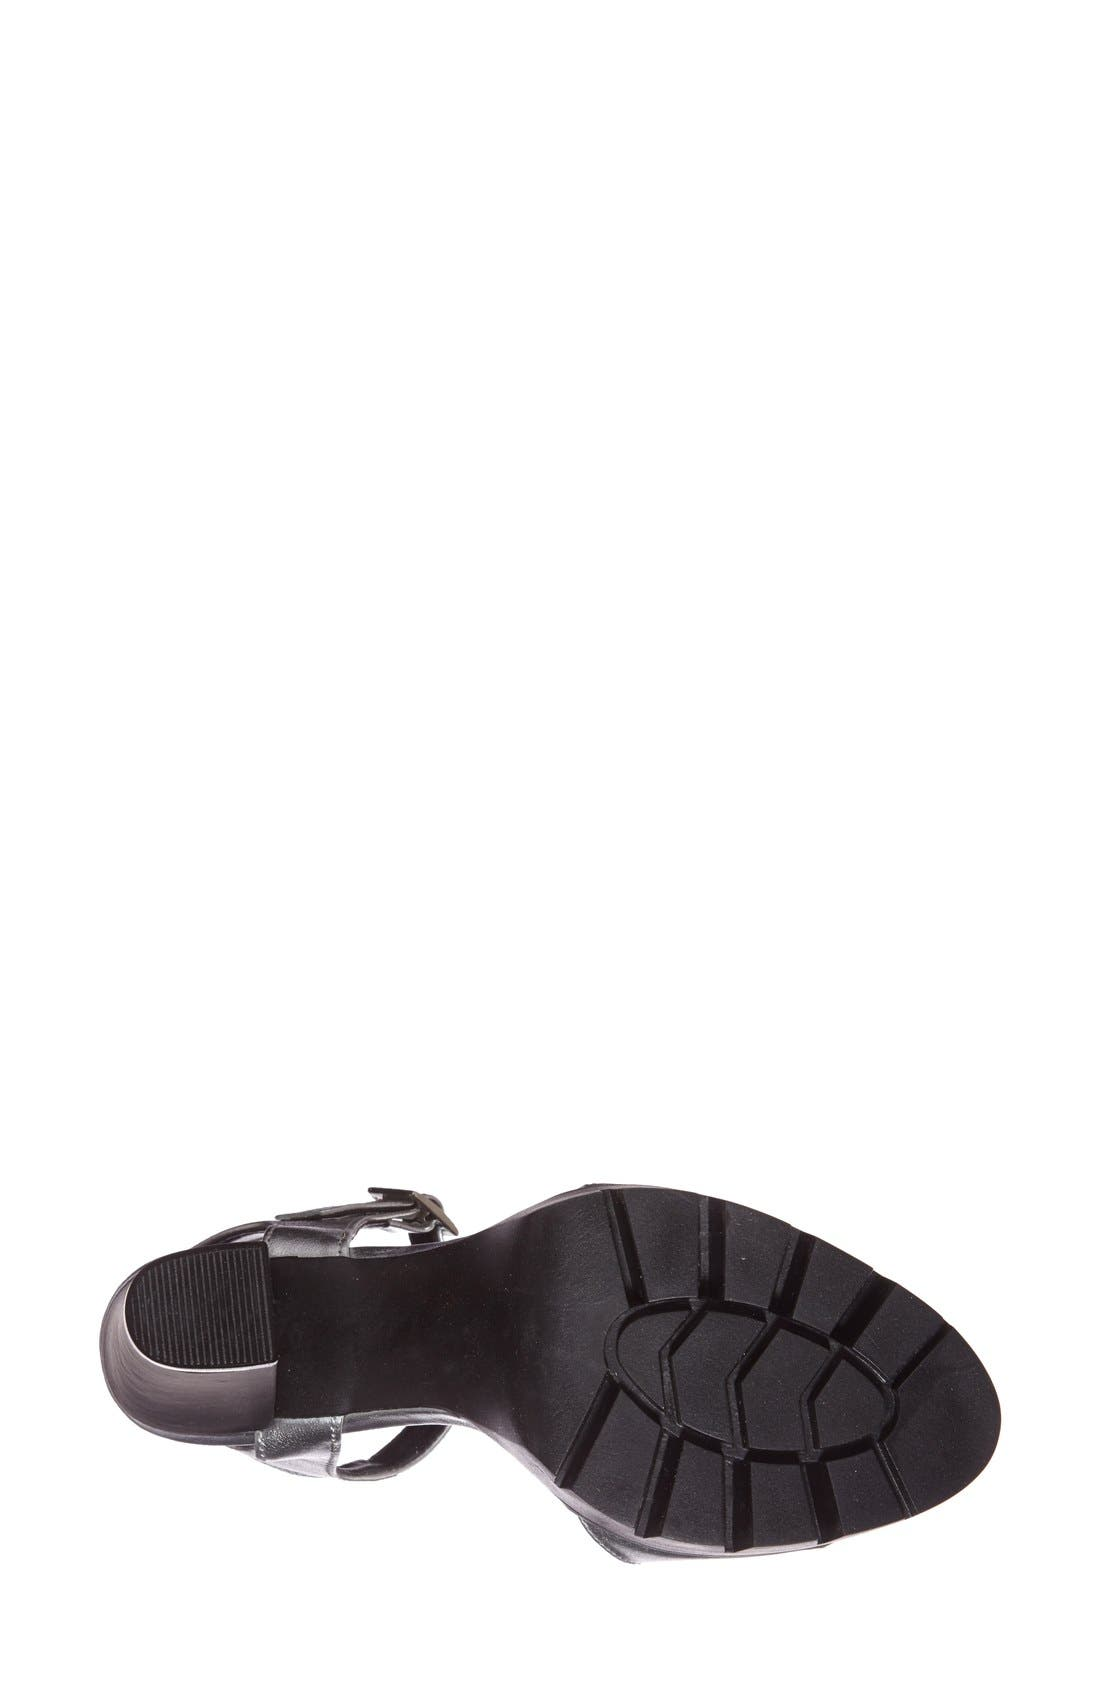 Alternate Image 4  - Steve Madden 'Traviss' Sandal (Women)